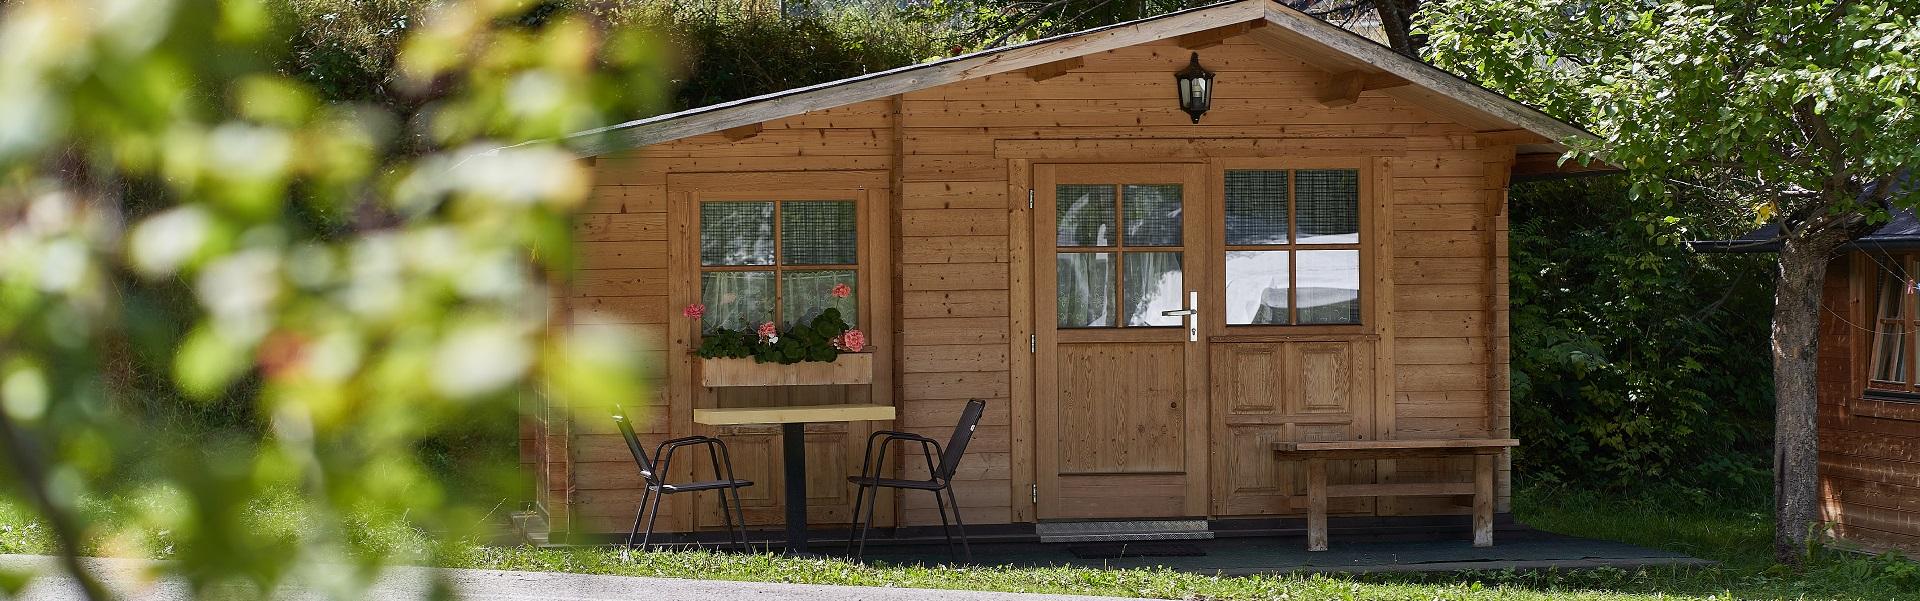 Hütten Ötztal Camping